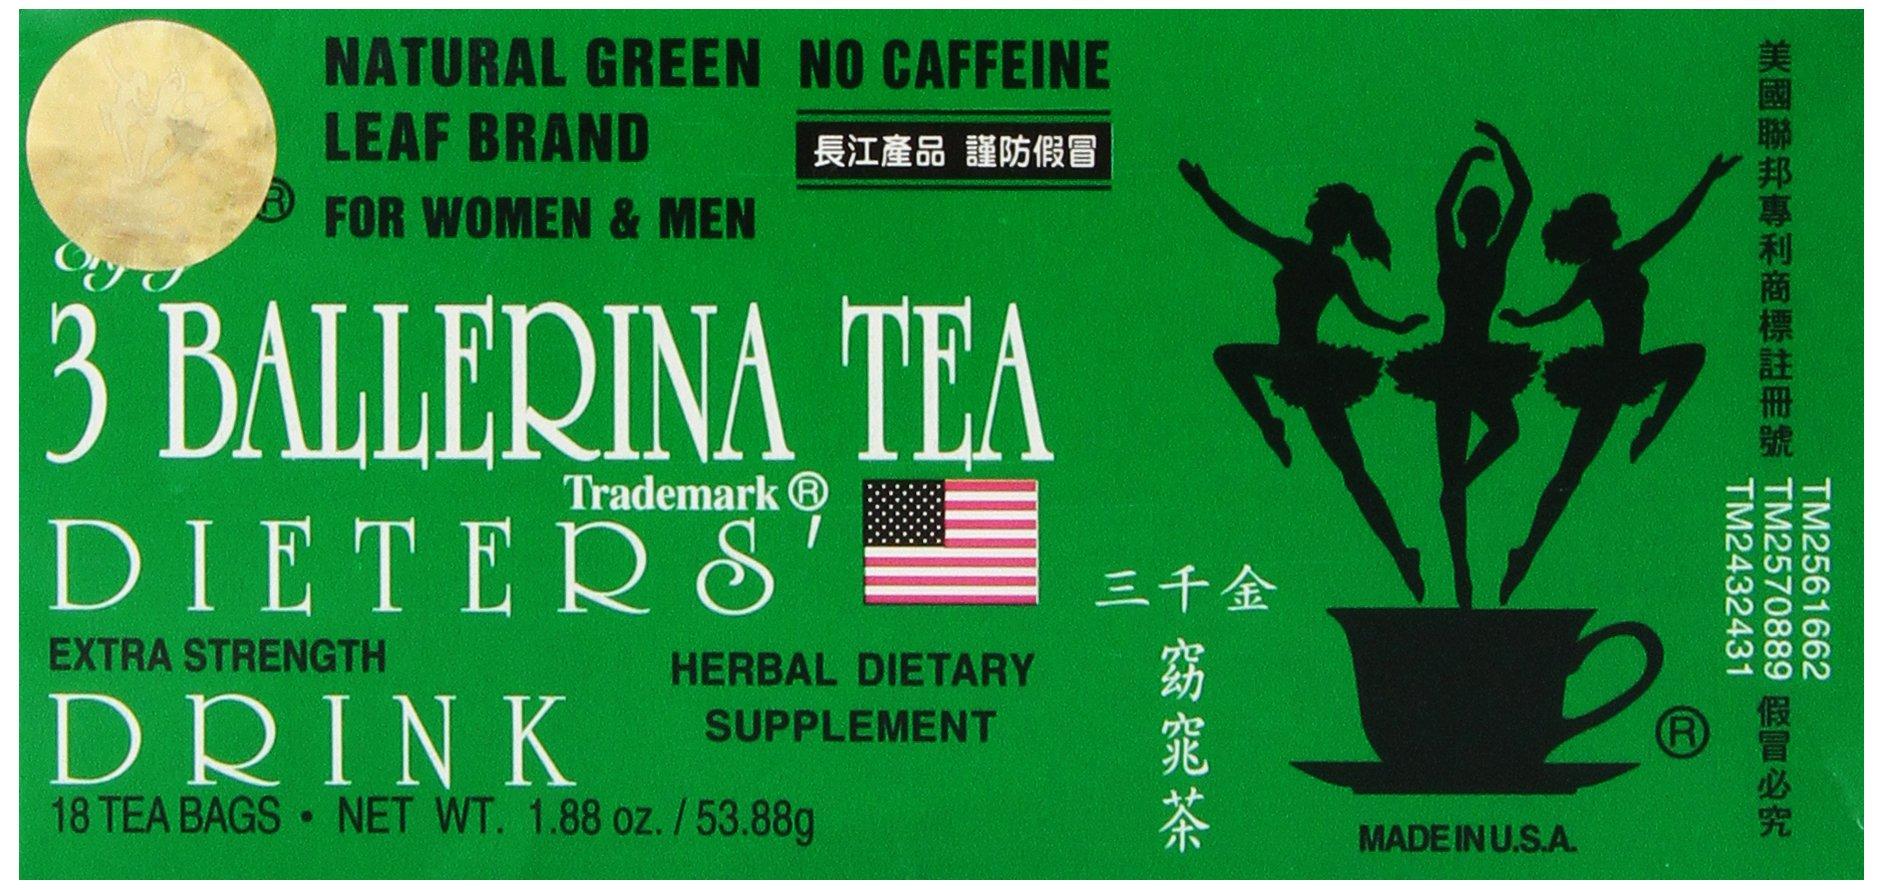 3 Ballerina Tea Dieters Drink, Extra Strength